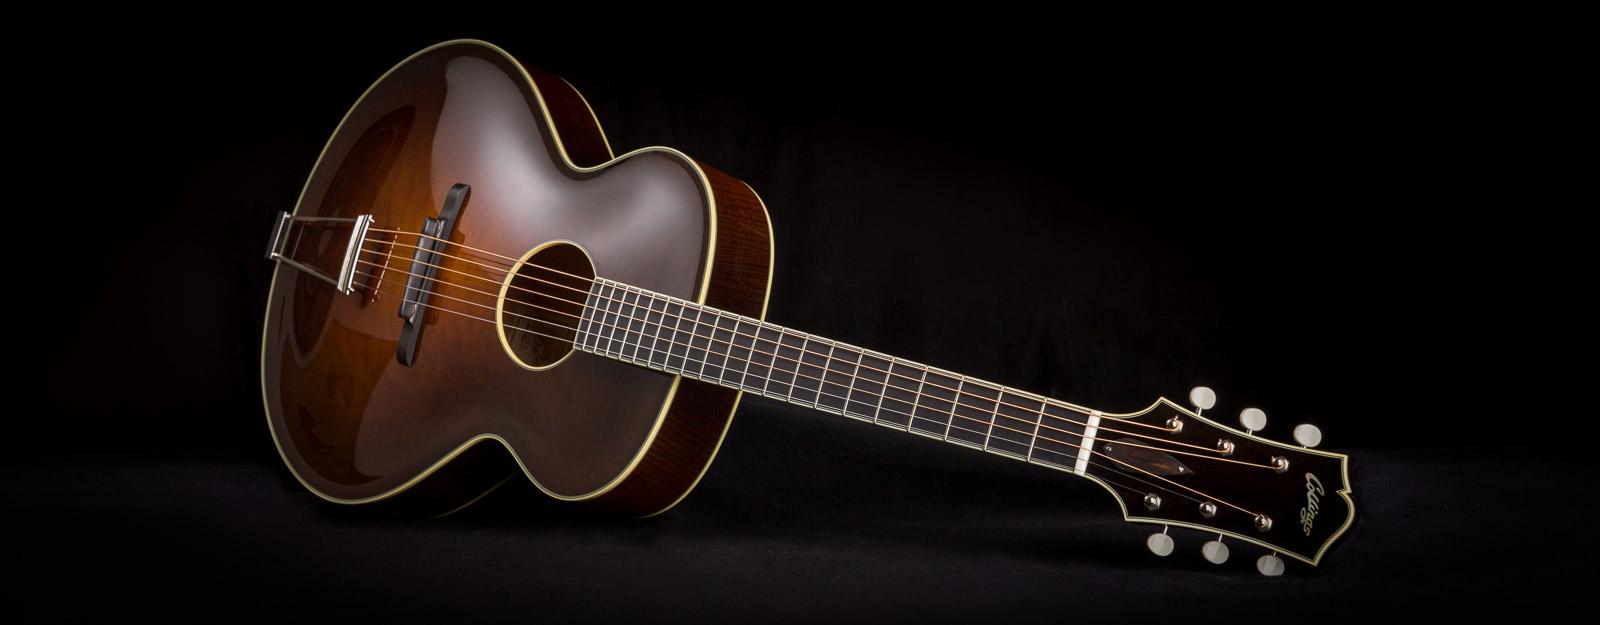 Collings | Custom Handmade Guitars, Mandolins, and Ukuleles